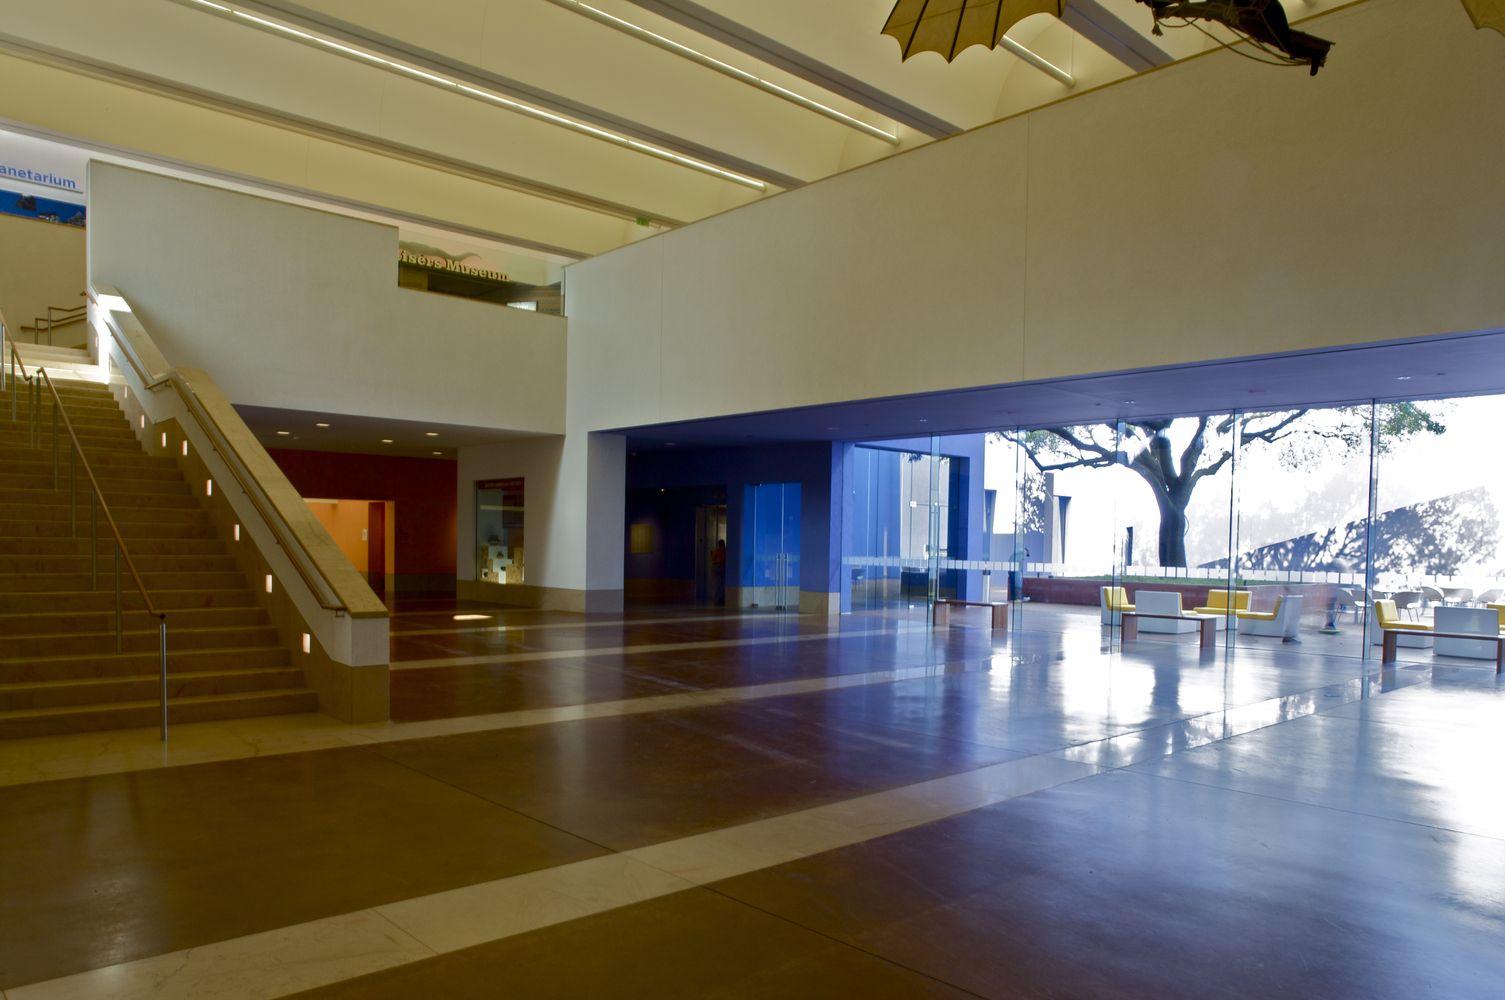 Museo De Ciencia E Historia Fort Worth Tx Legorreta  # Muebles Nuryan San Luis Potosi